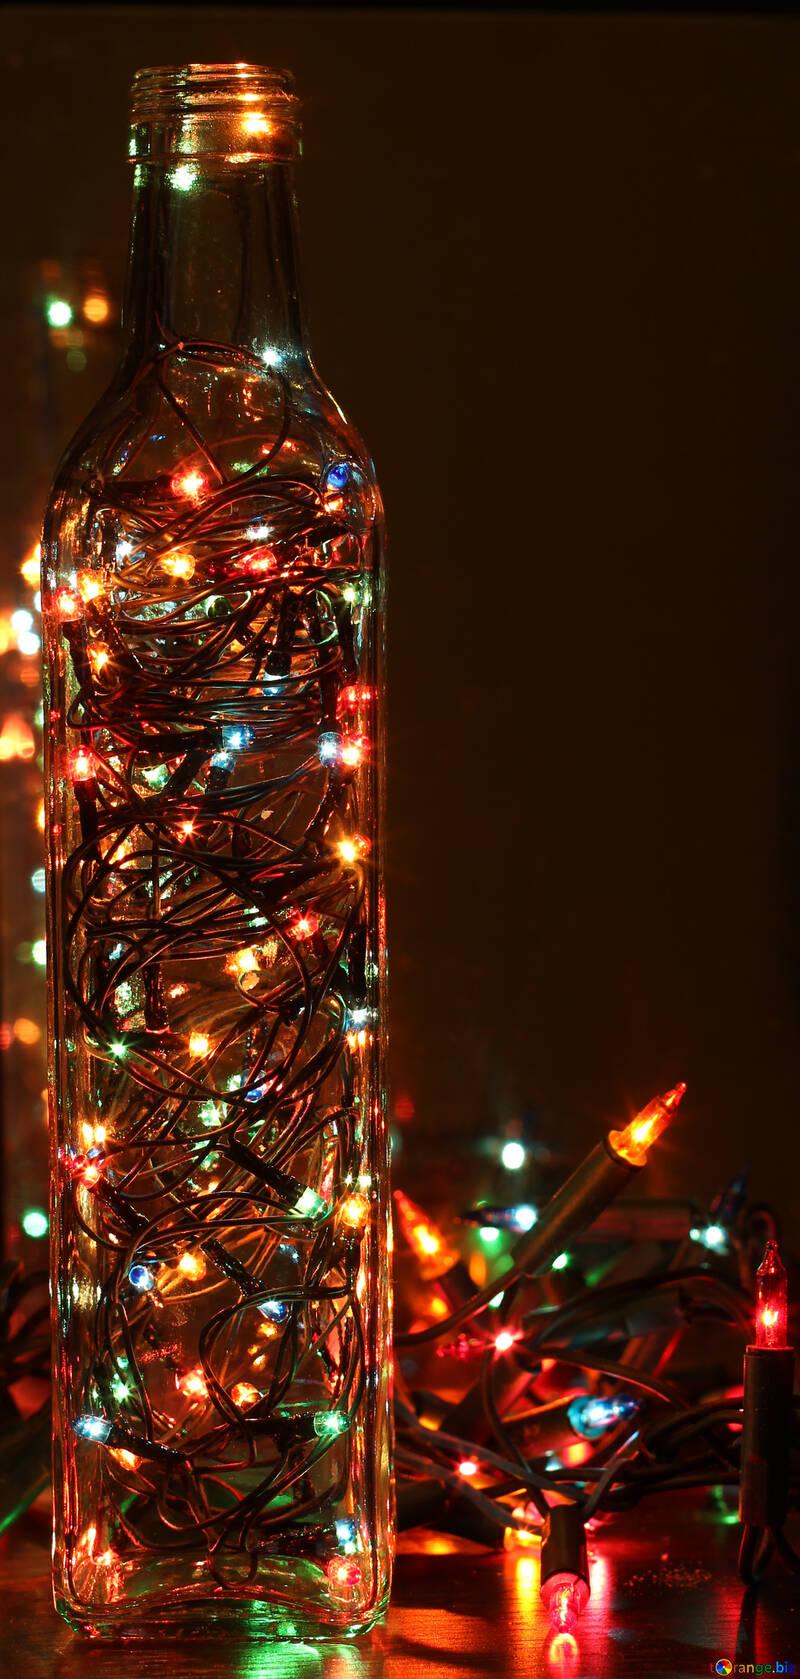 Новогодняя поделка гирлянда в бутылке светильник №41278